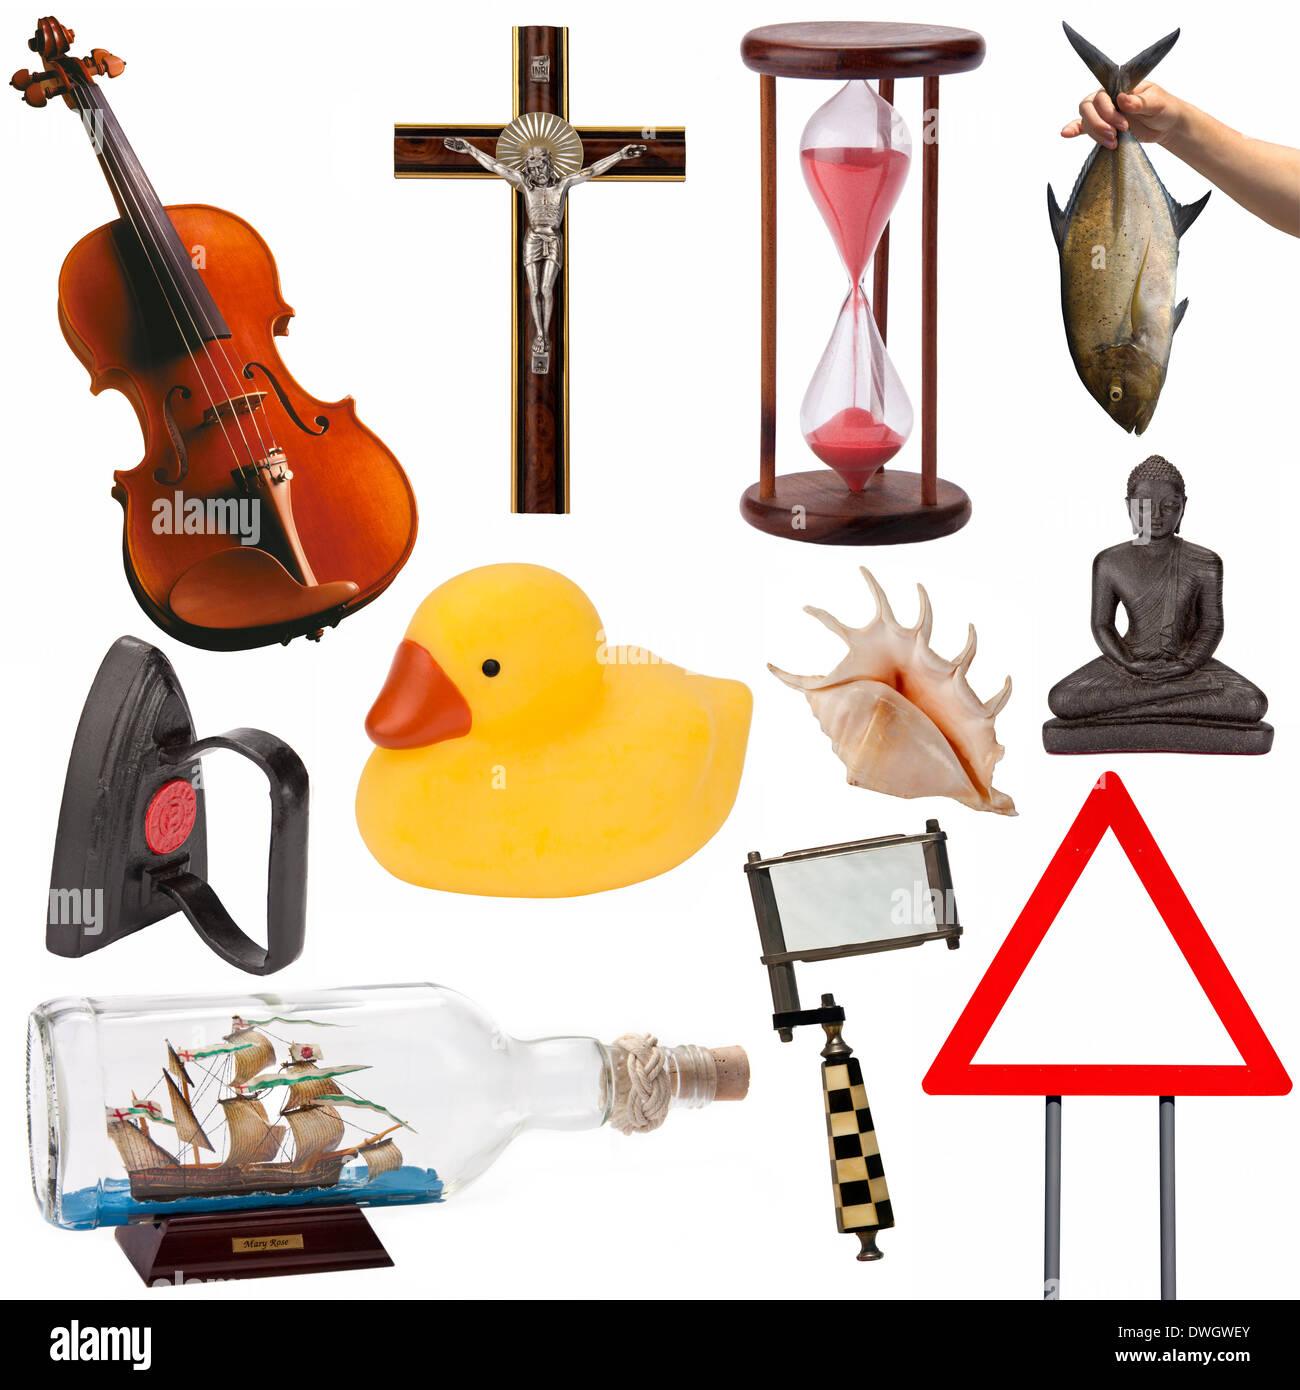 Eine Auswahl von Objekten, Elemente, Ideen und Konzepte für Ausschnitt (isoliert auf weißem Hintergrund). Stockbild